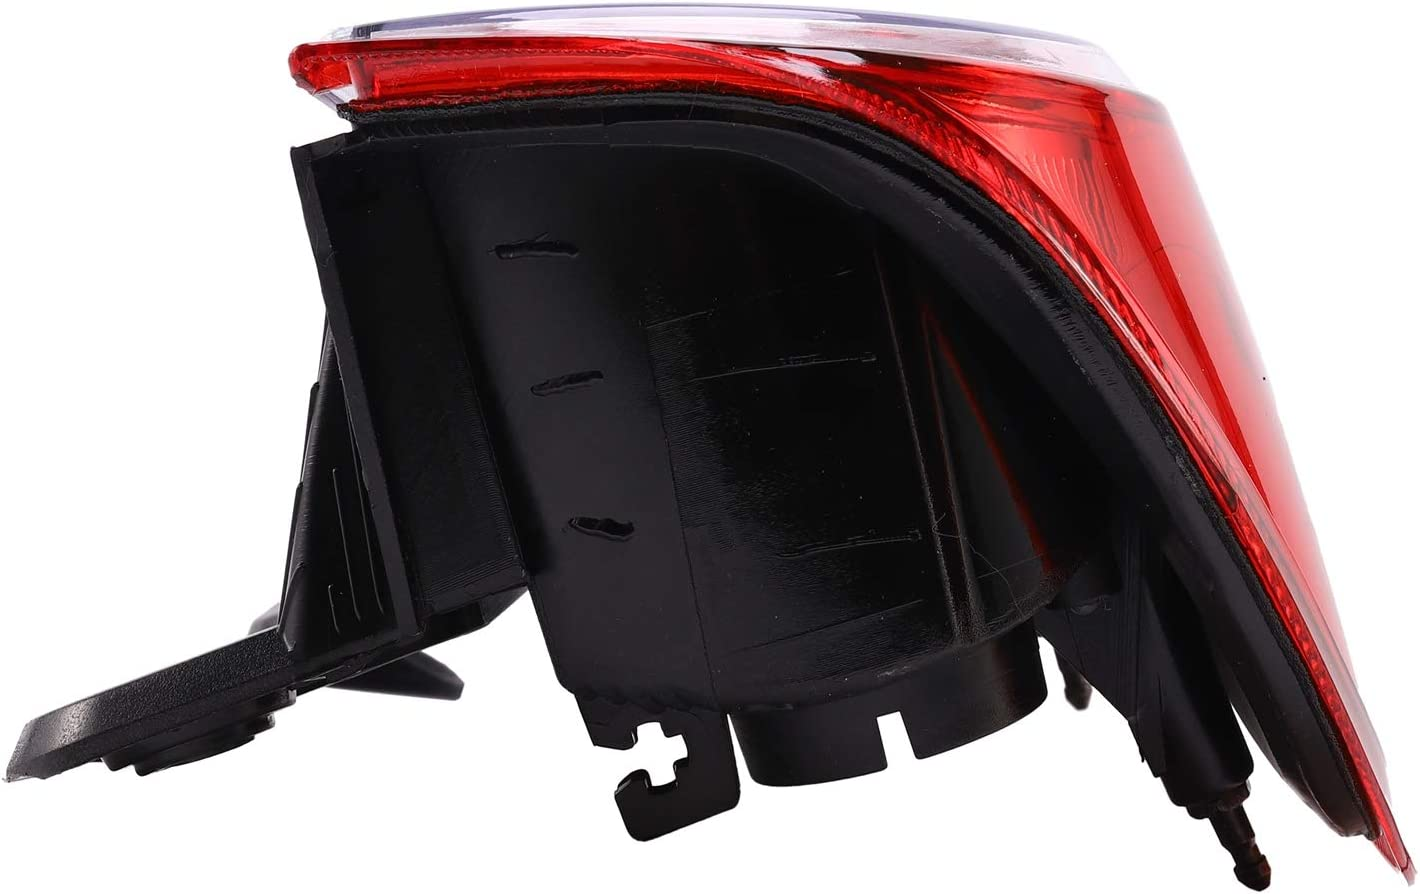 Cavis Fanali Posteriori Posteriori per Automobili Luci di Stop per NV200 26550-JX00A 26555-JX31A Destro